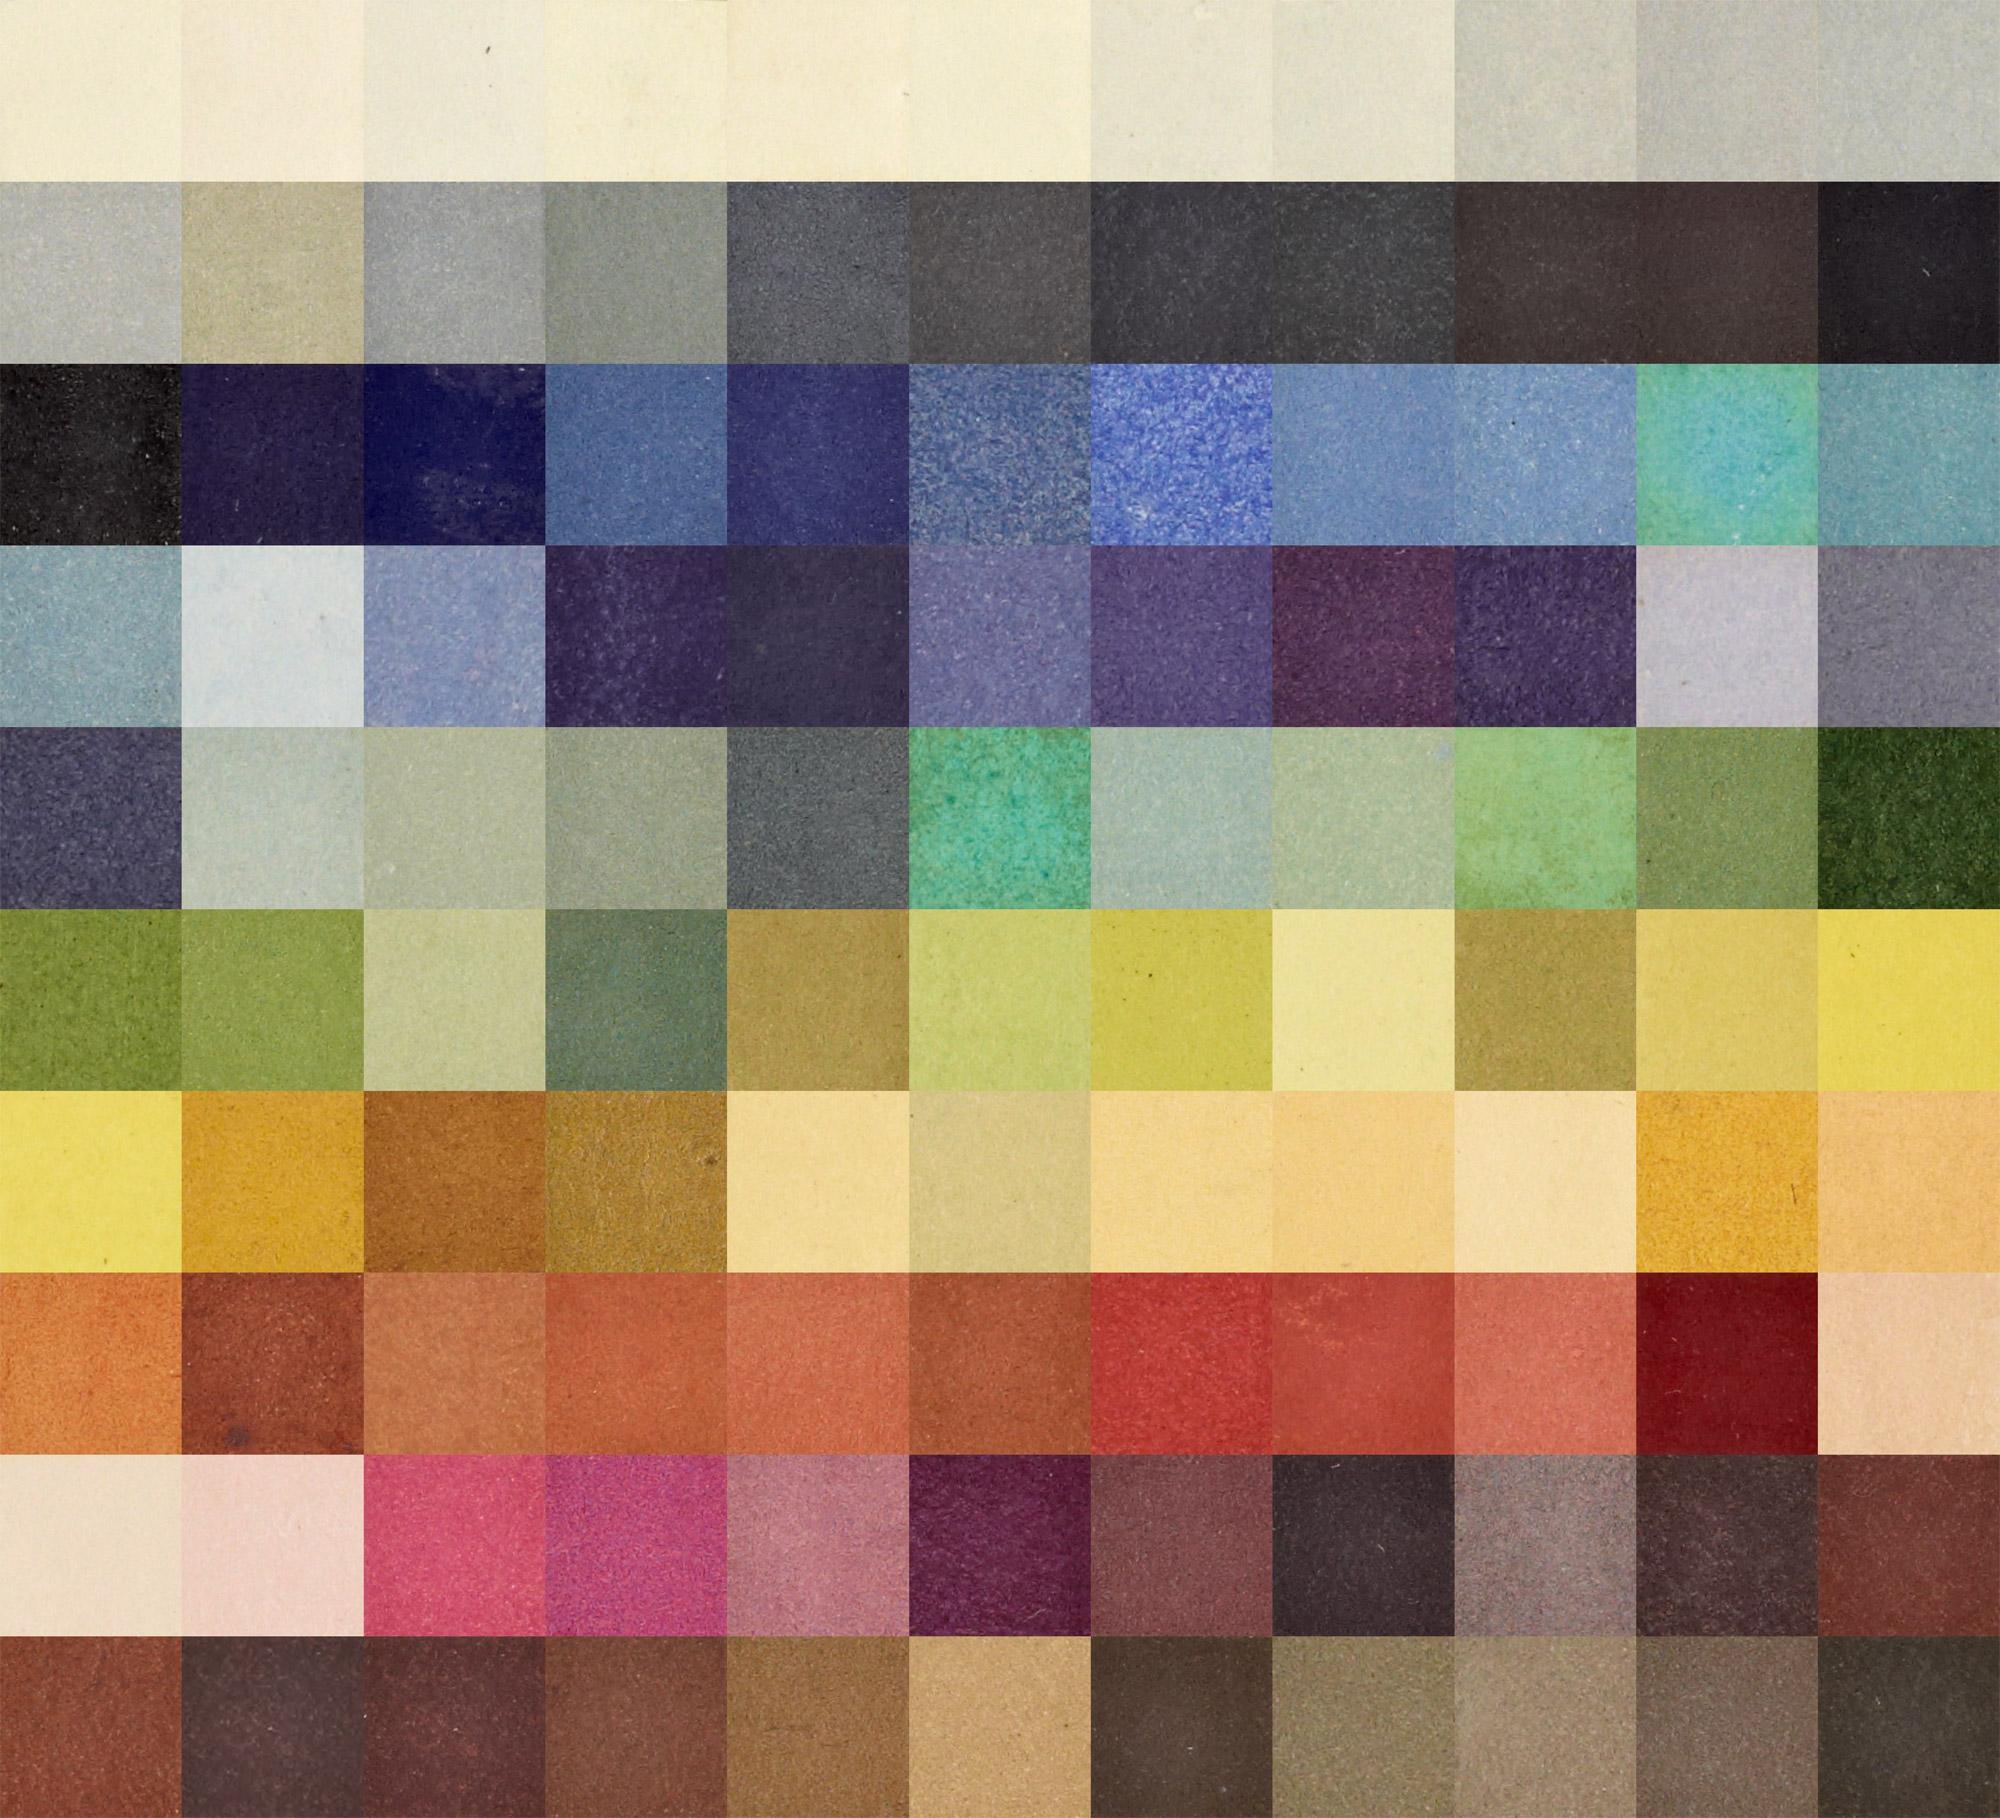 Tesori d'archivio: la nomenclatura dei colori di Werner ora ha anche una versione online